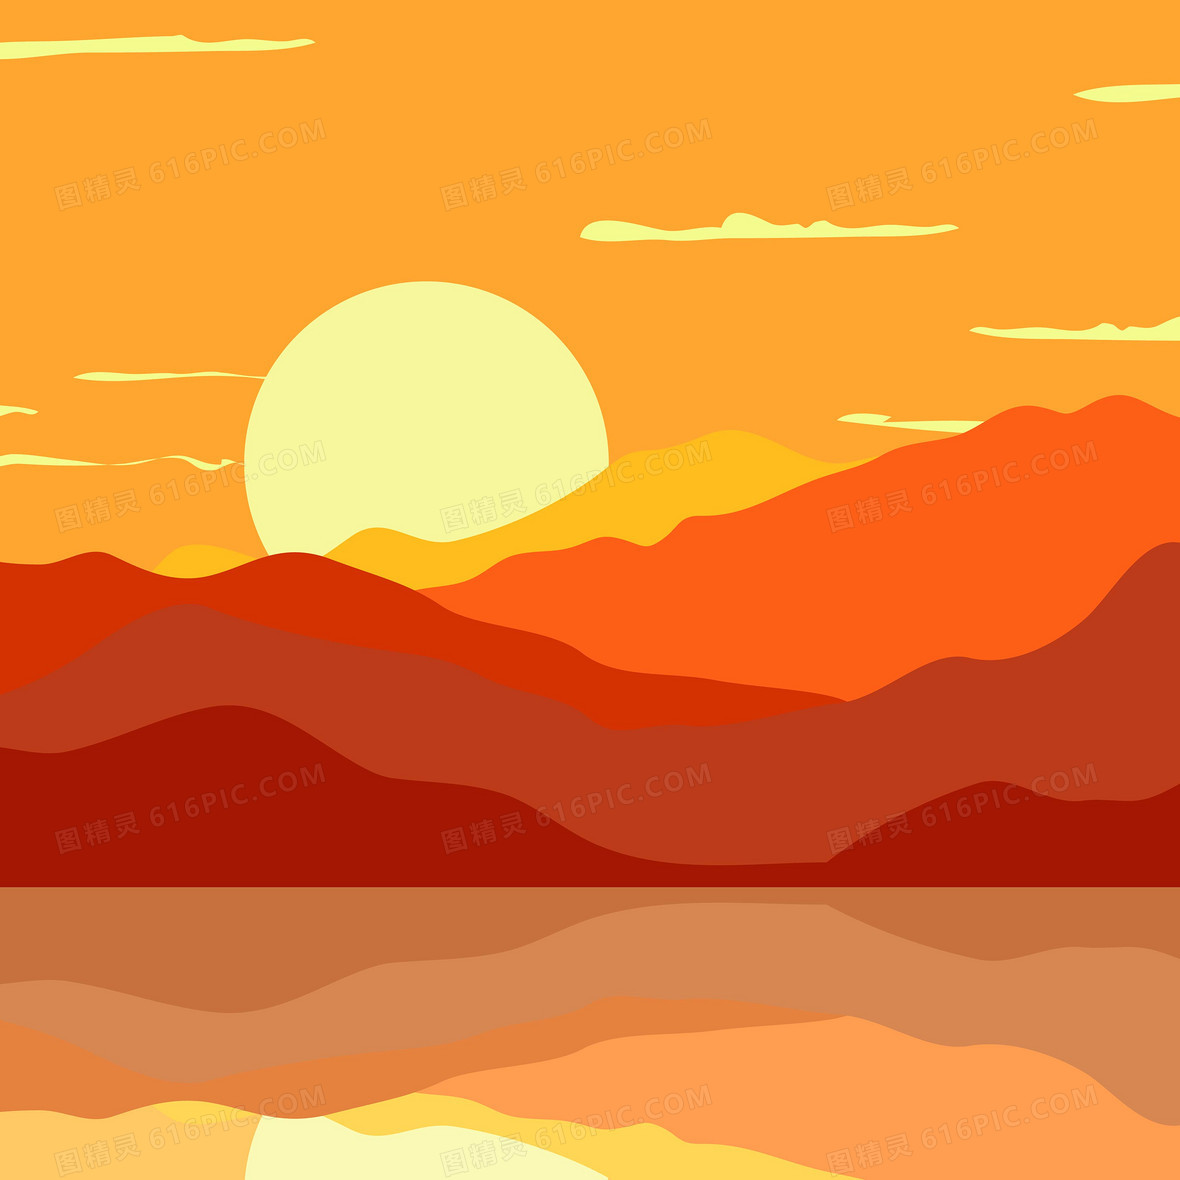 户外夕阳景观风景海报矢量背景